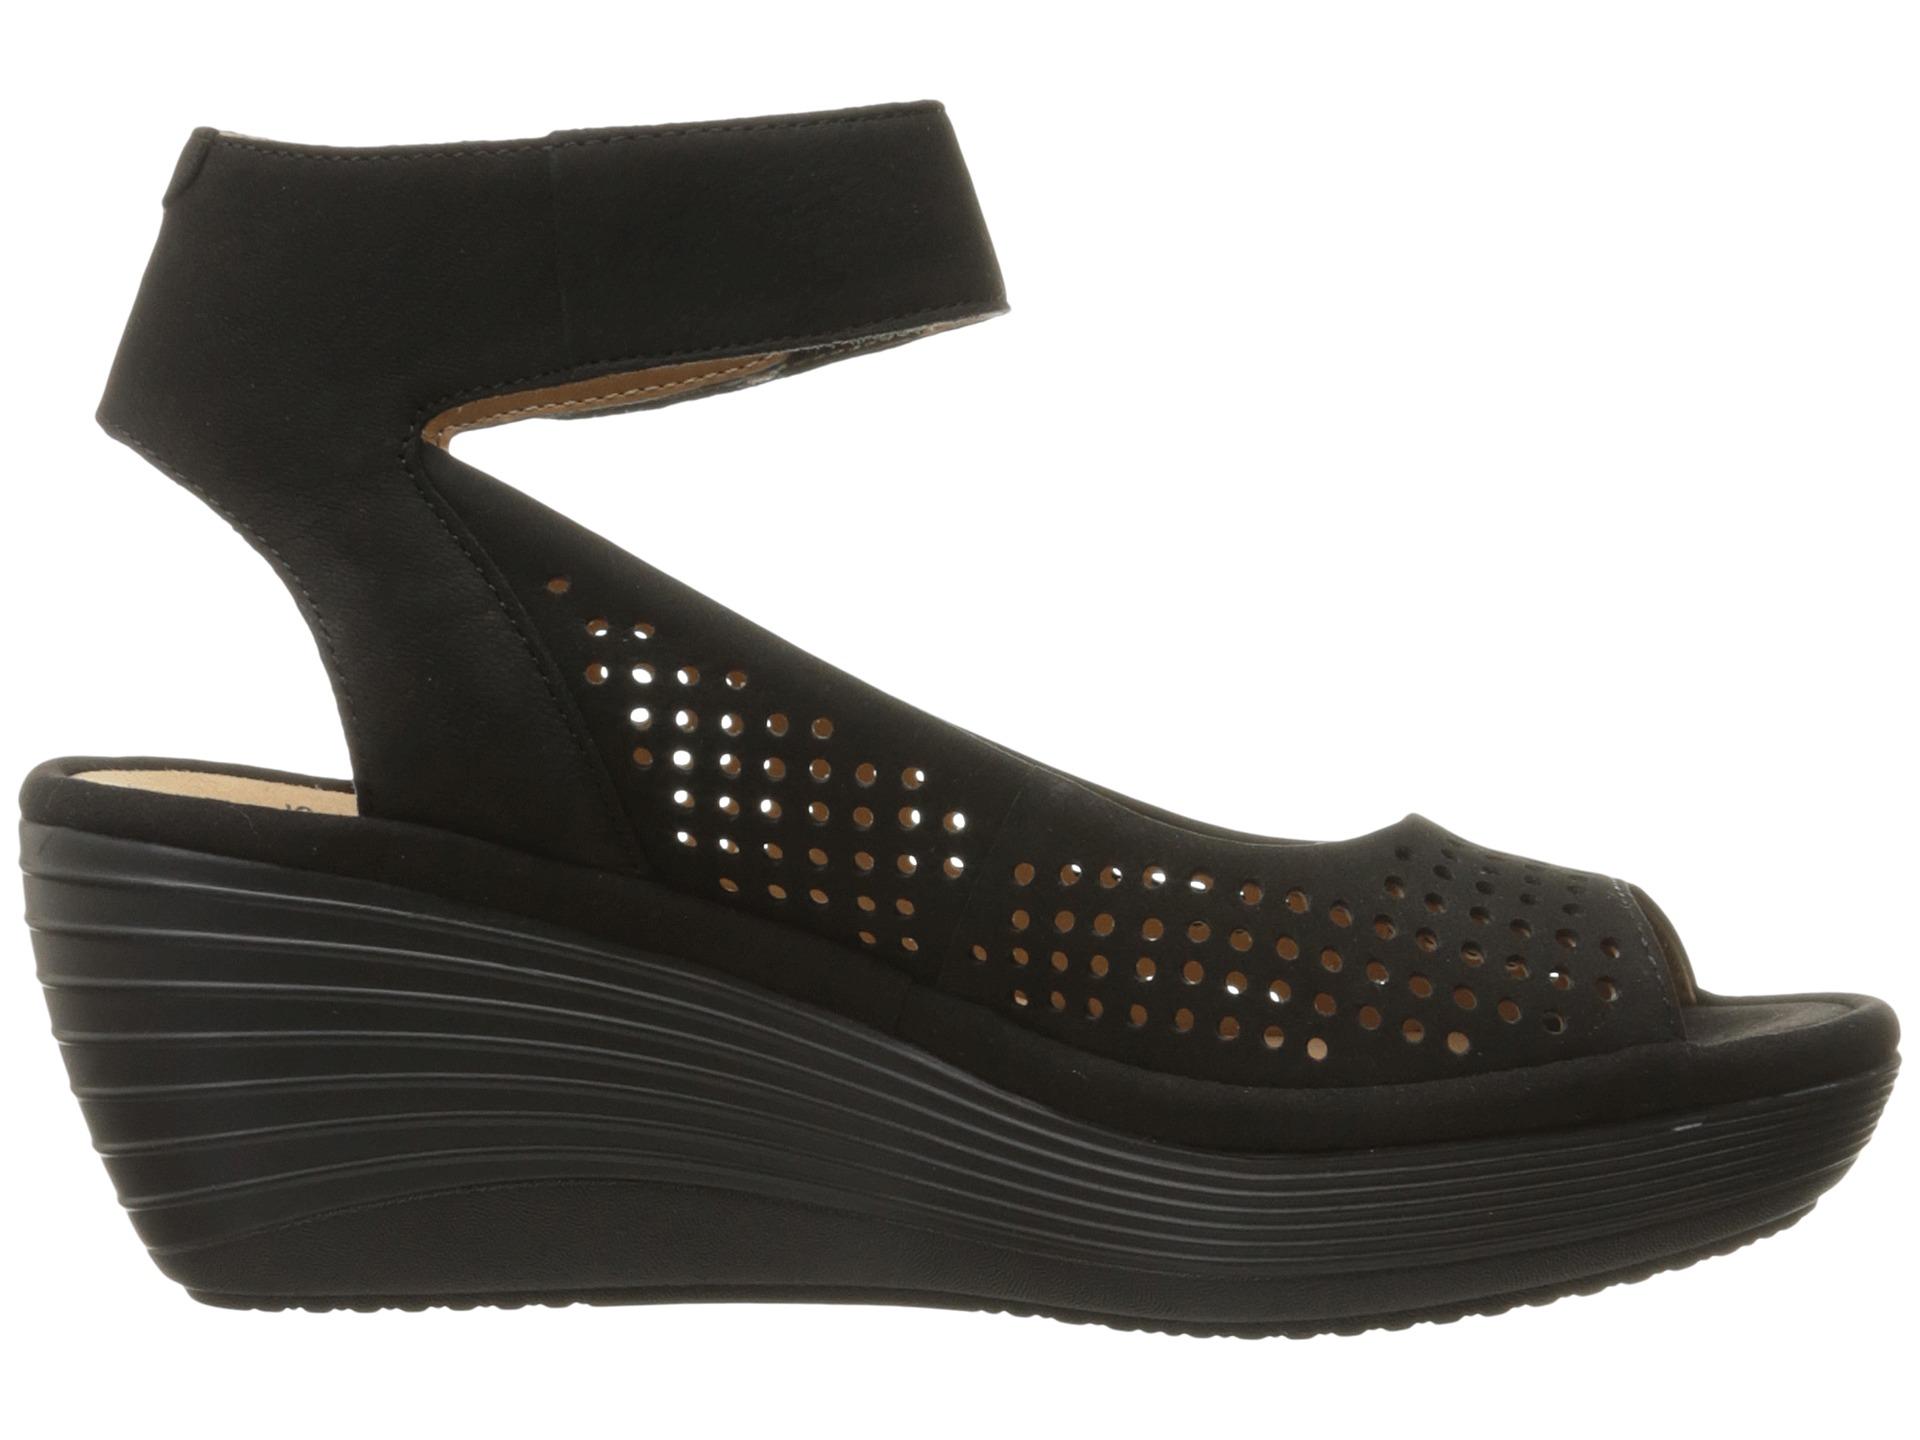 Clarks Shoes Women Sandals Size